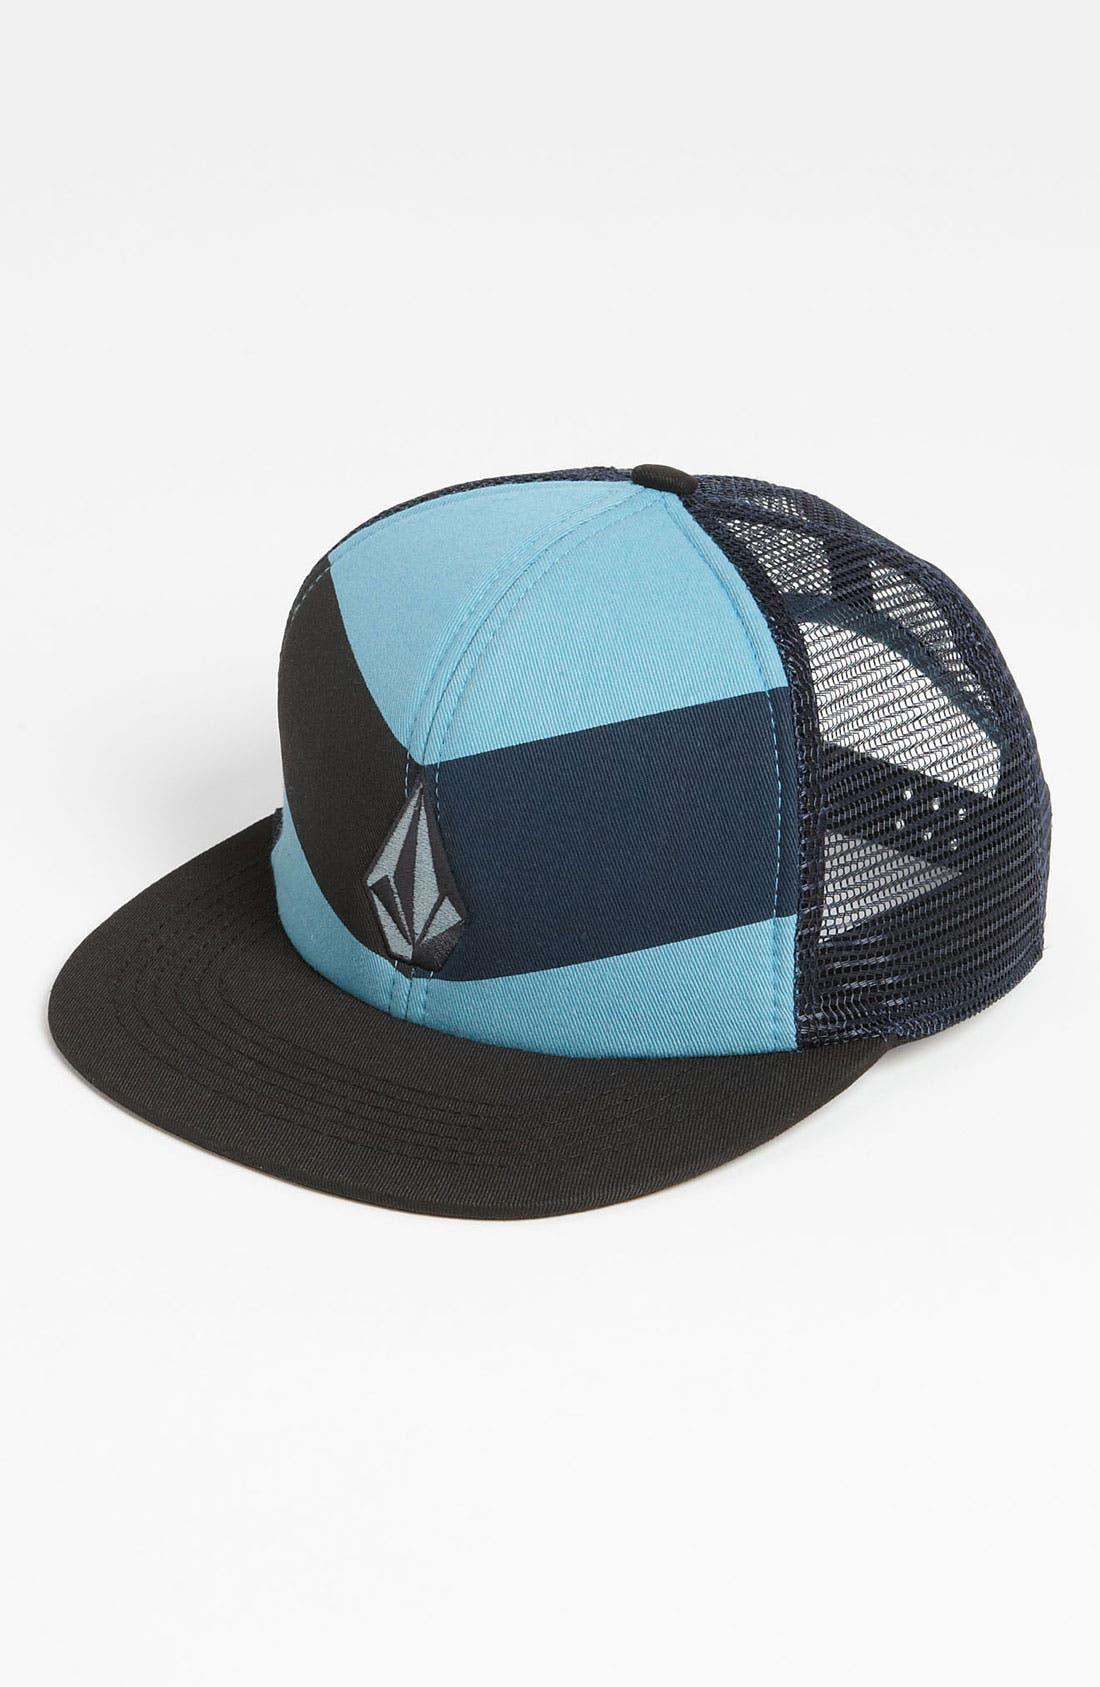 Alternate Image 1 Selected - Volcom 'Fullstone' Trucker Hat (Big Boys)